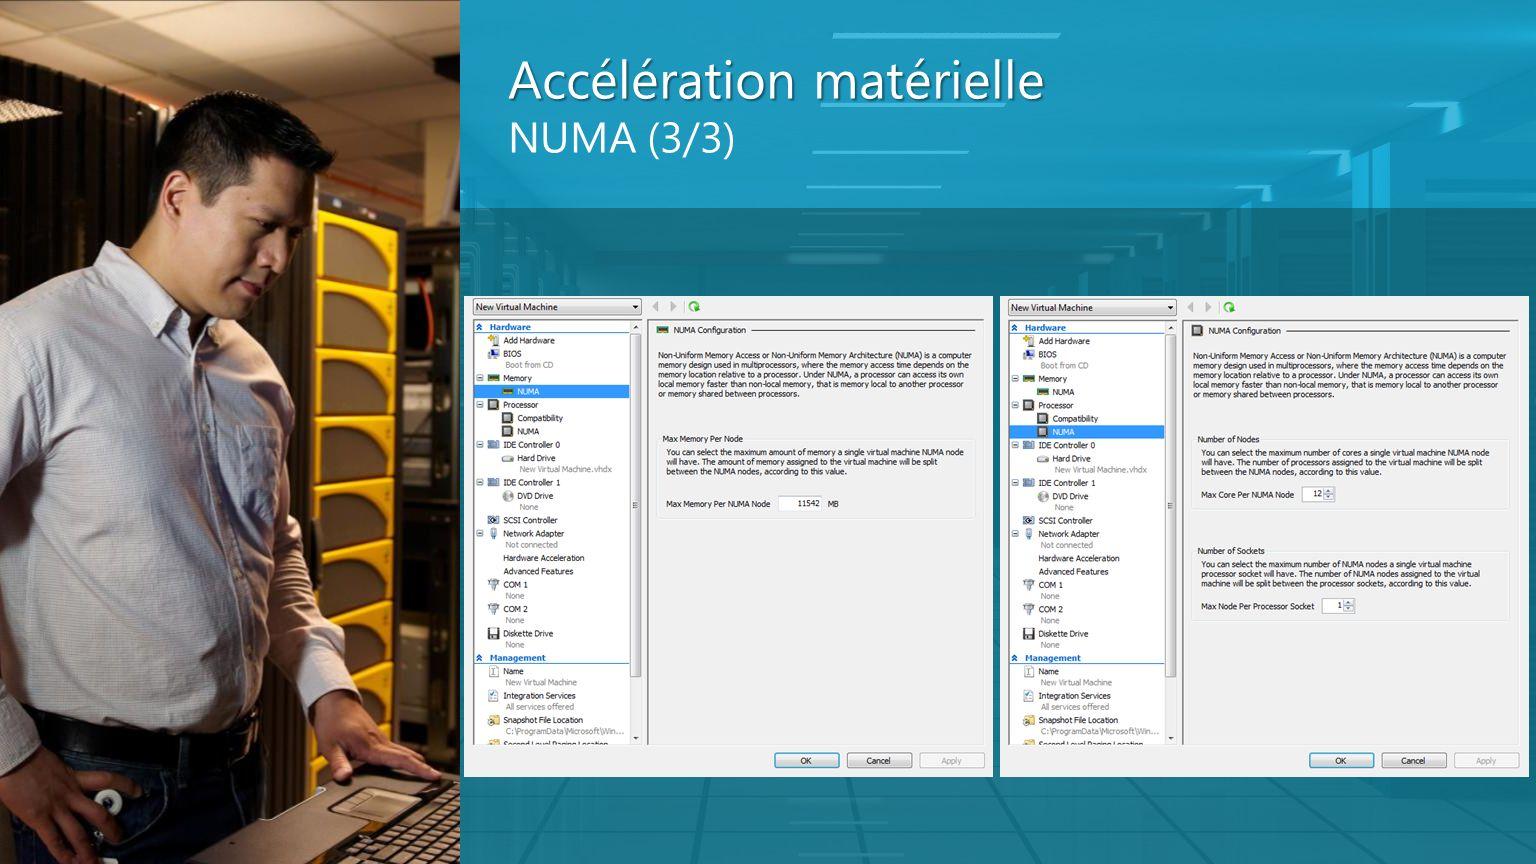 Accélération matérielle Accélération matérielle NUMA (3/3)